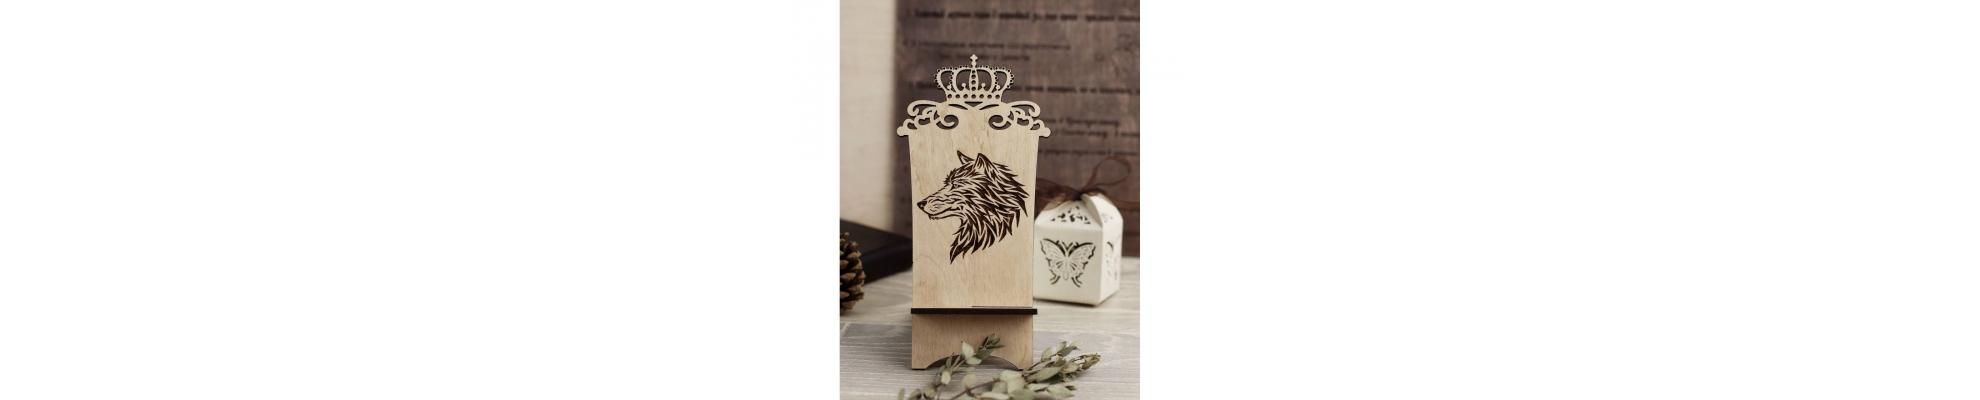 Подставка для телефона из дерева волк с короной